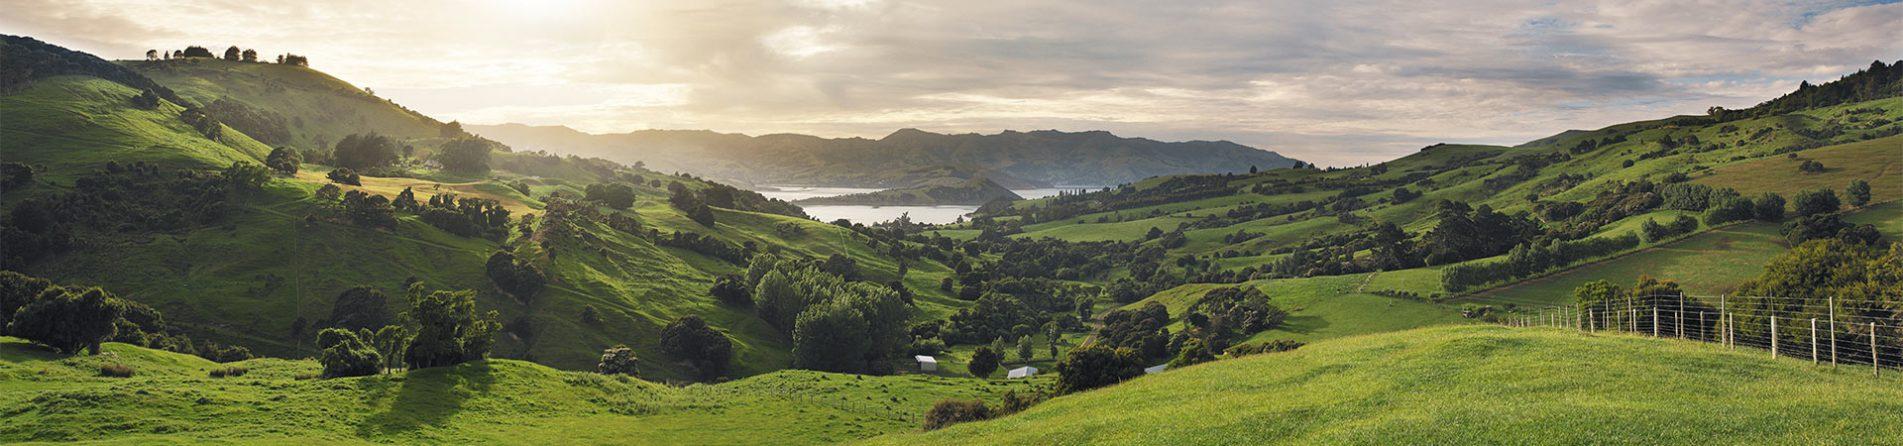 Neuseelandhirsch | Prmium by Nature